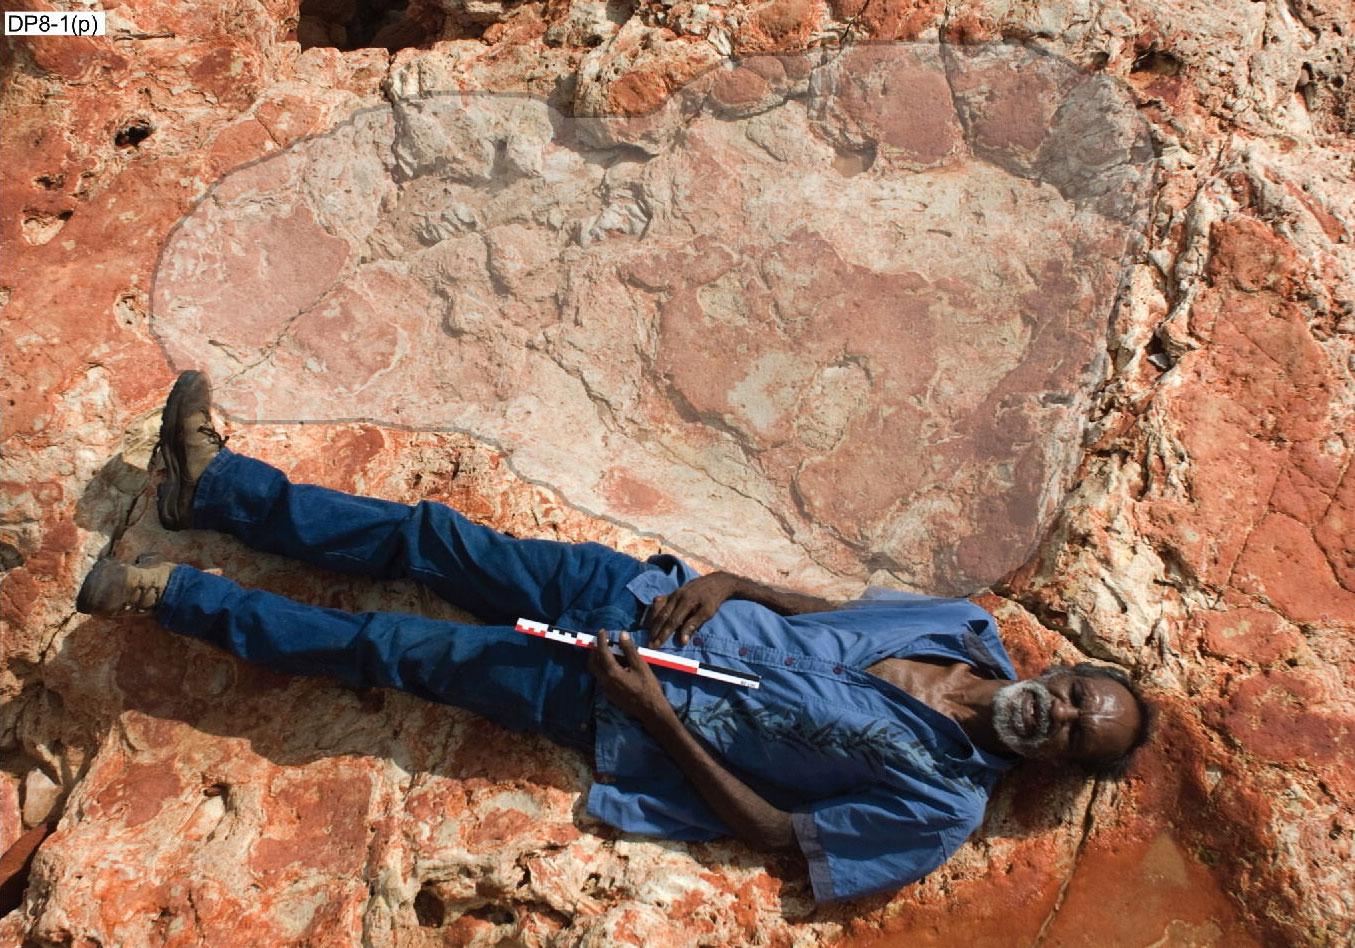 Richard Hunter, a Goolarabooloo törzs tagja szemlélteti a lábnyom méretét - a kezében tartott mérőpálca hossza 40 centiméter (Fotó: University of Queensland)